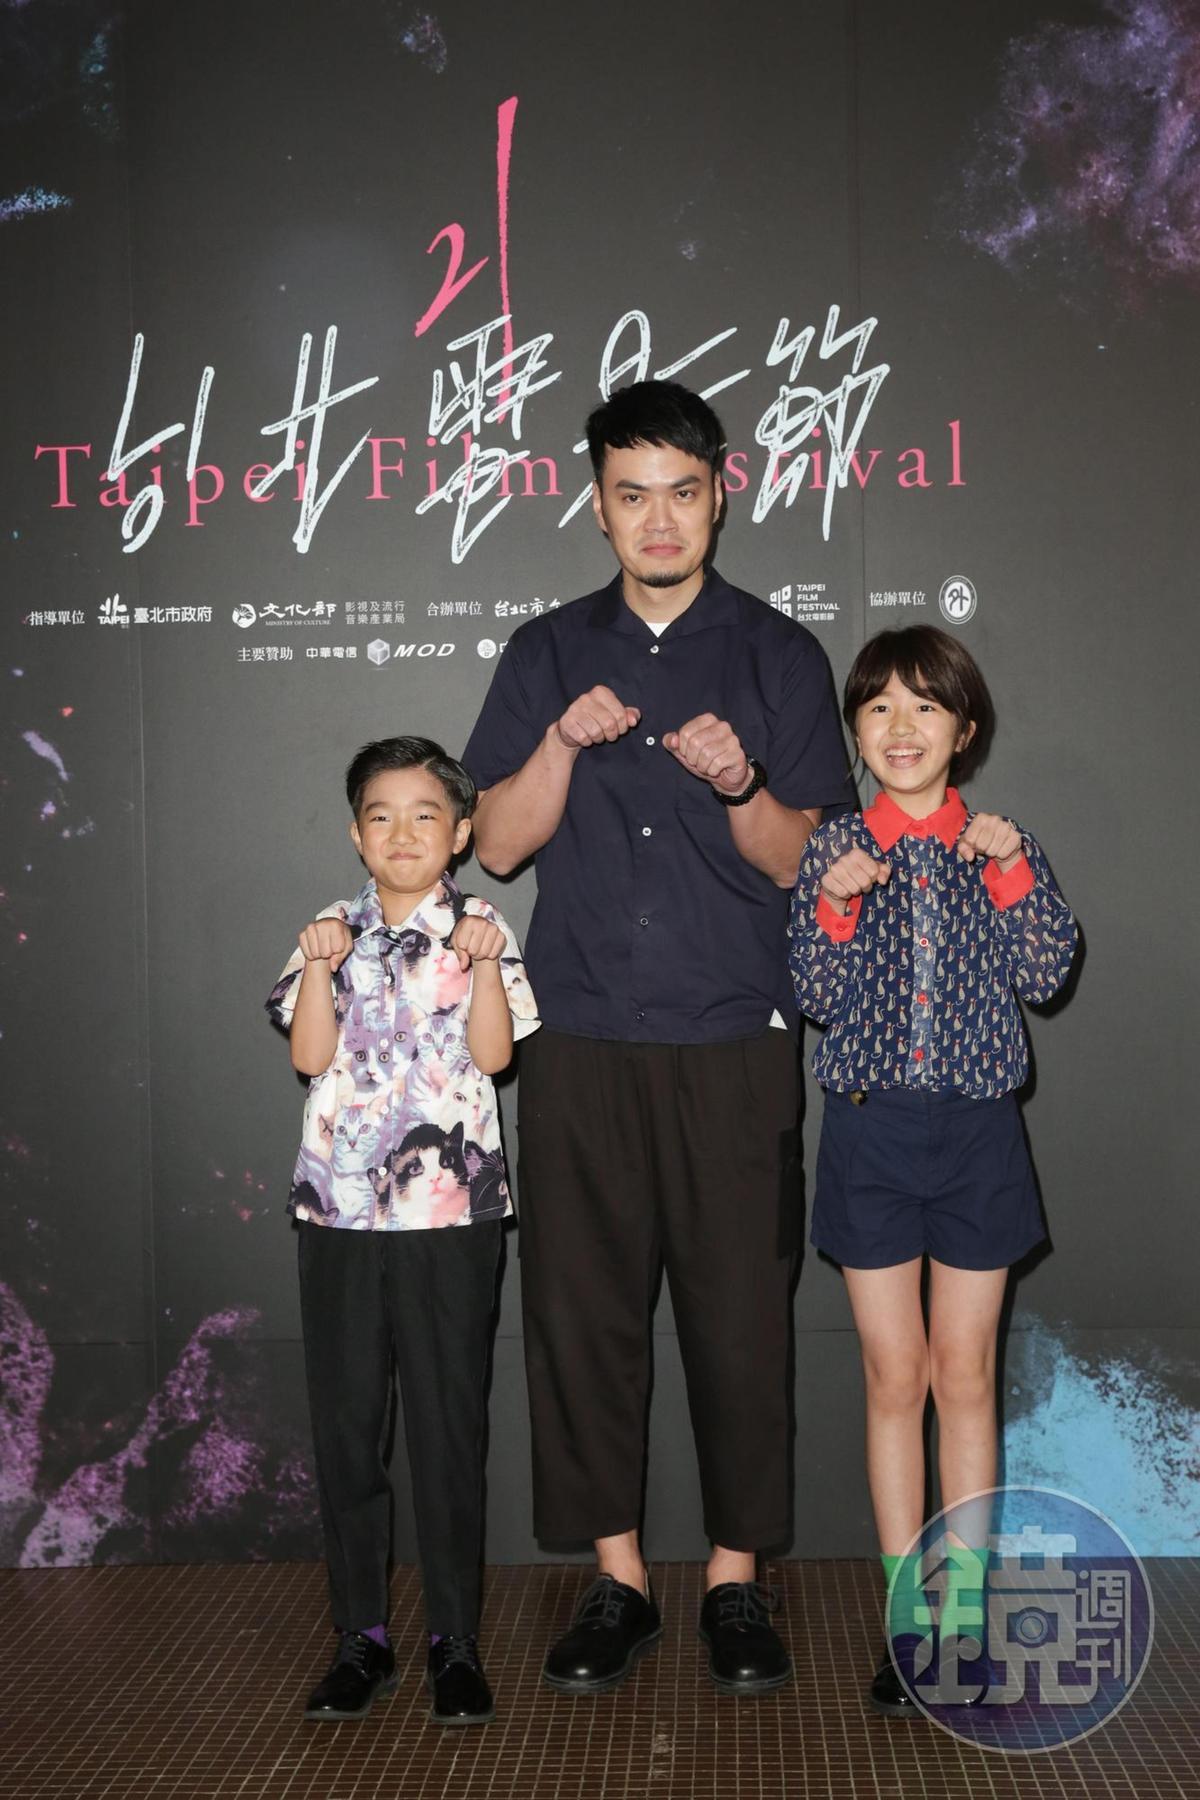 白小櫻、白潤音姊弟雖然主演了《住戶公約第一條》,2人也開心與導演劉邦耀一起出席首映,但小姊弟卻因為電影分級制度無法看到自己的演出。